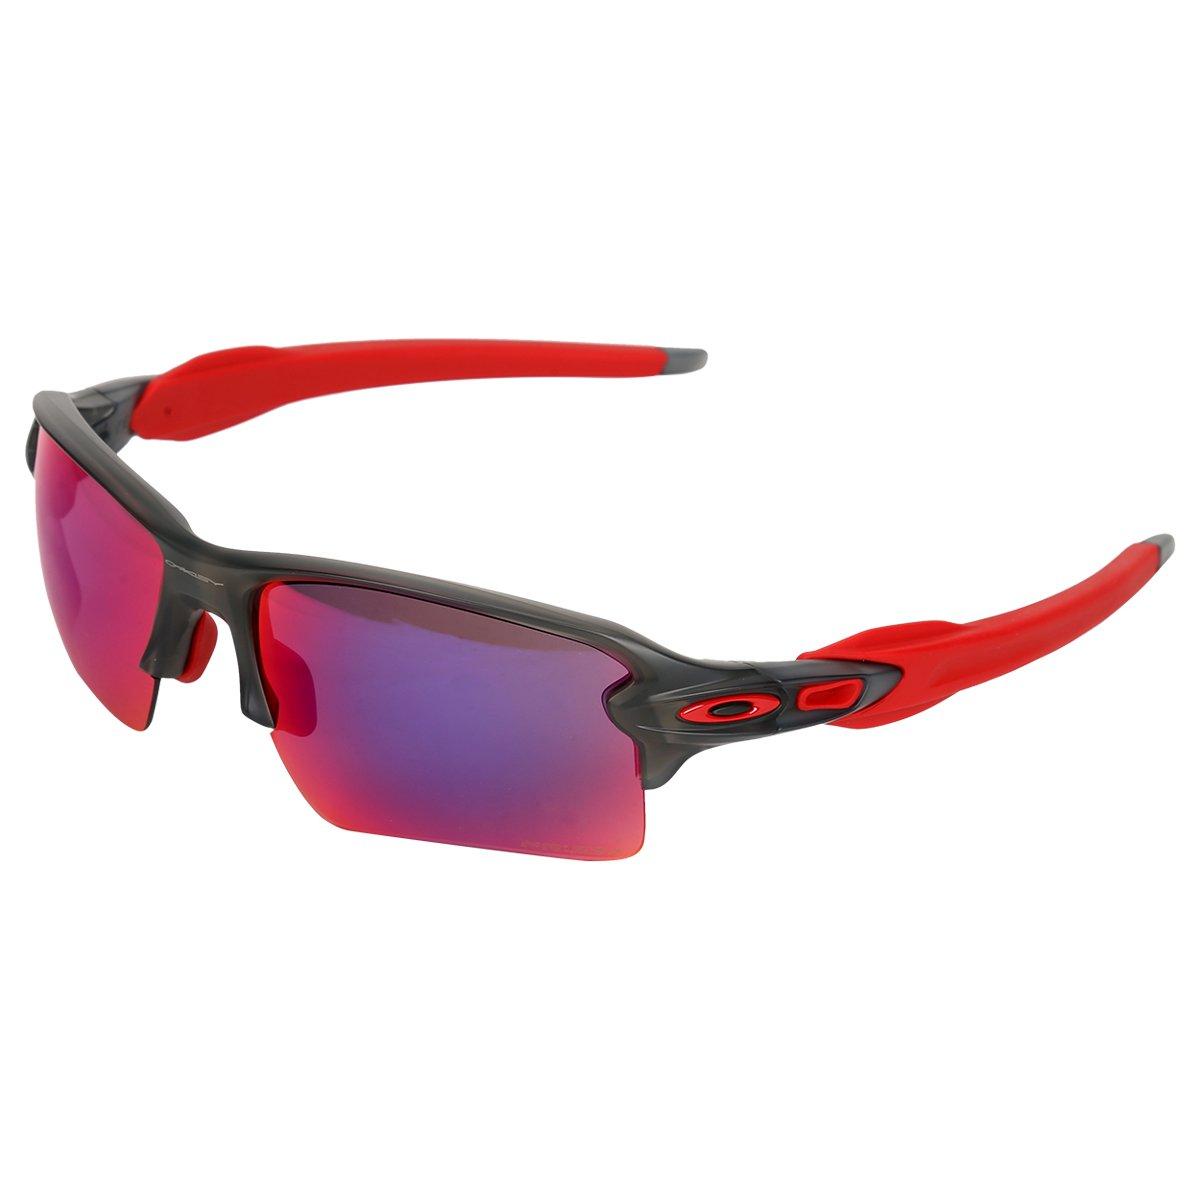 a7f79b2f867cf Óculos Oakley Flak 2.0 XL - Prizm - Compre Agora   Netshoes